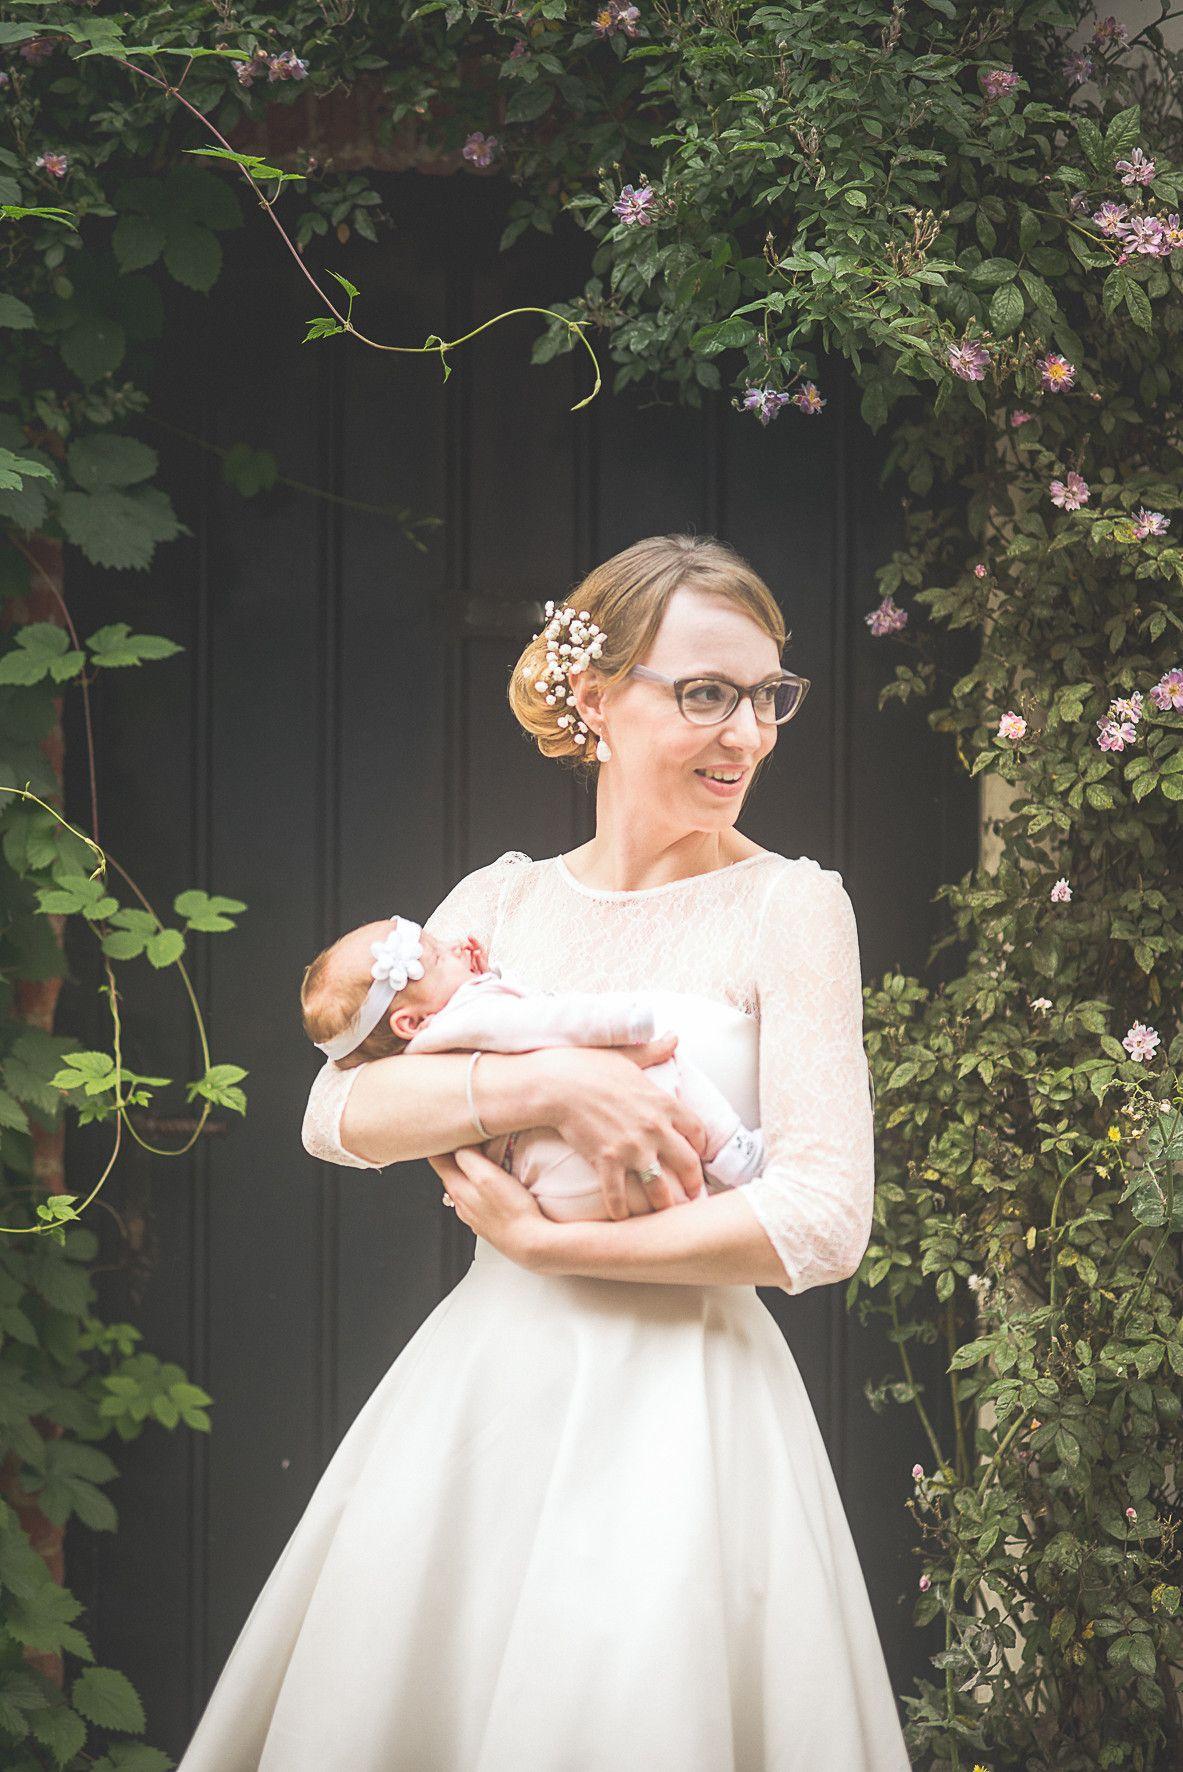 Huwelijksreportage Sophie & Jeroen (c) Silvie Bonne Fotografie - www.silviebonne.be #huwelijksfotografie #weddingphotography